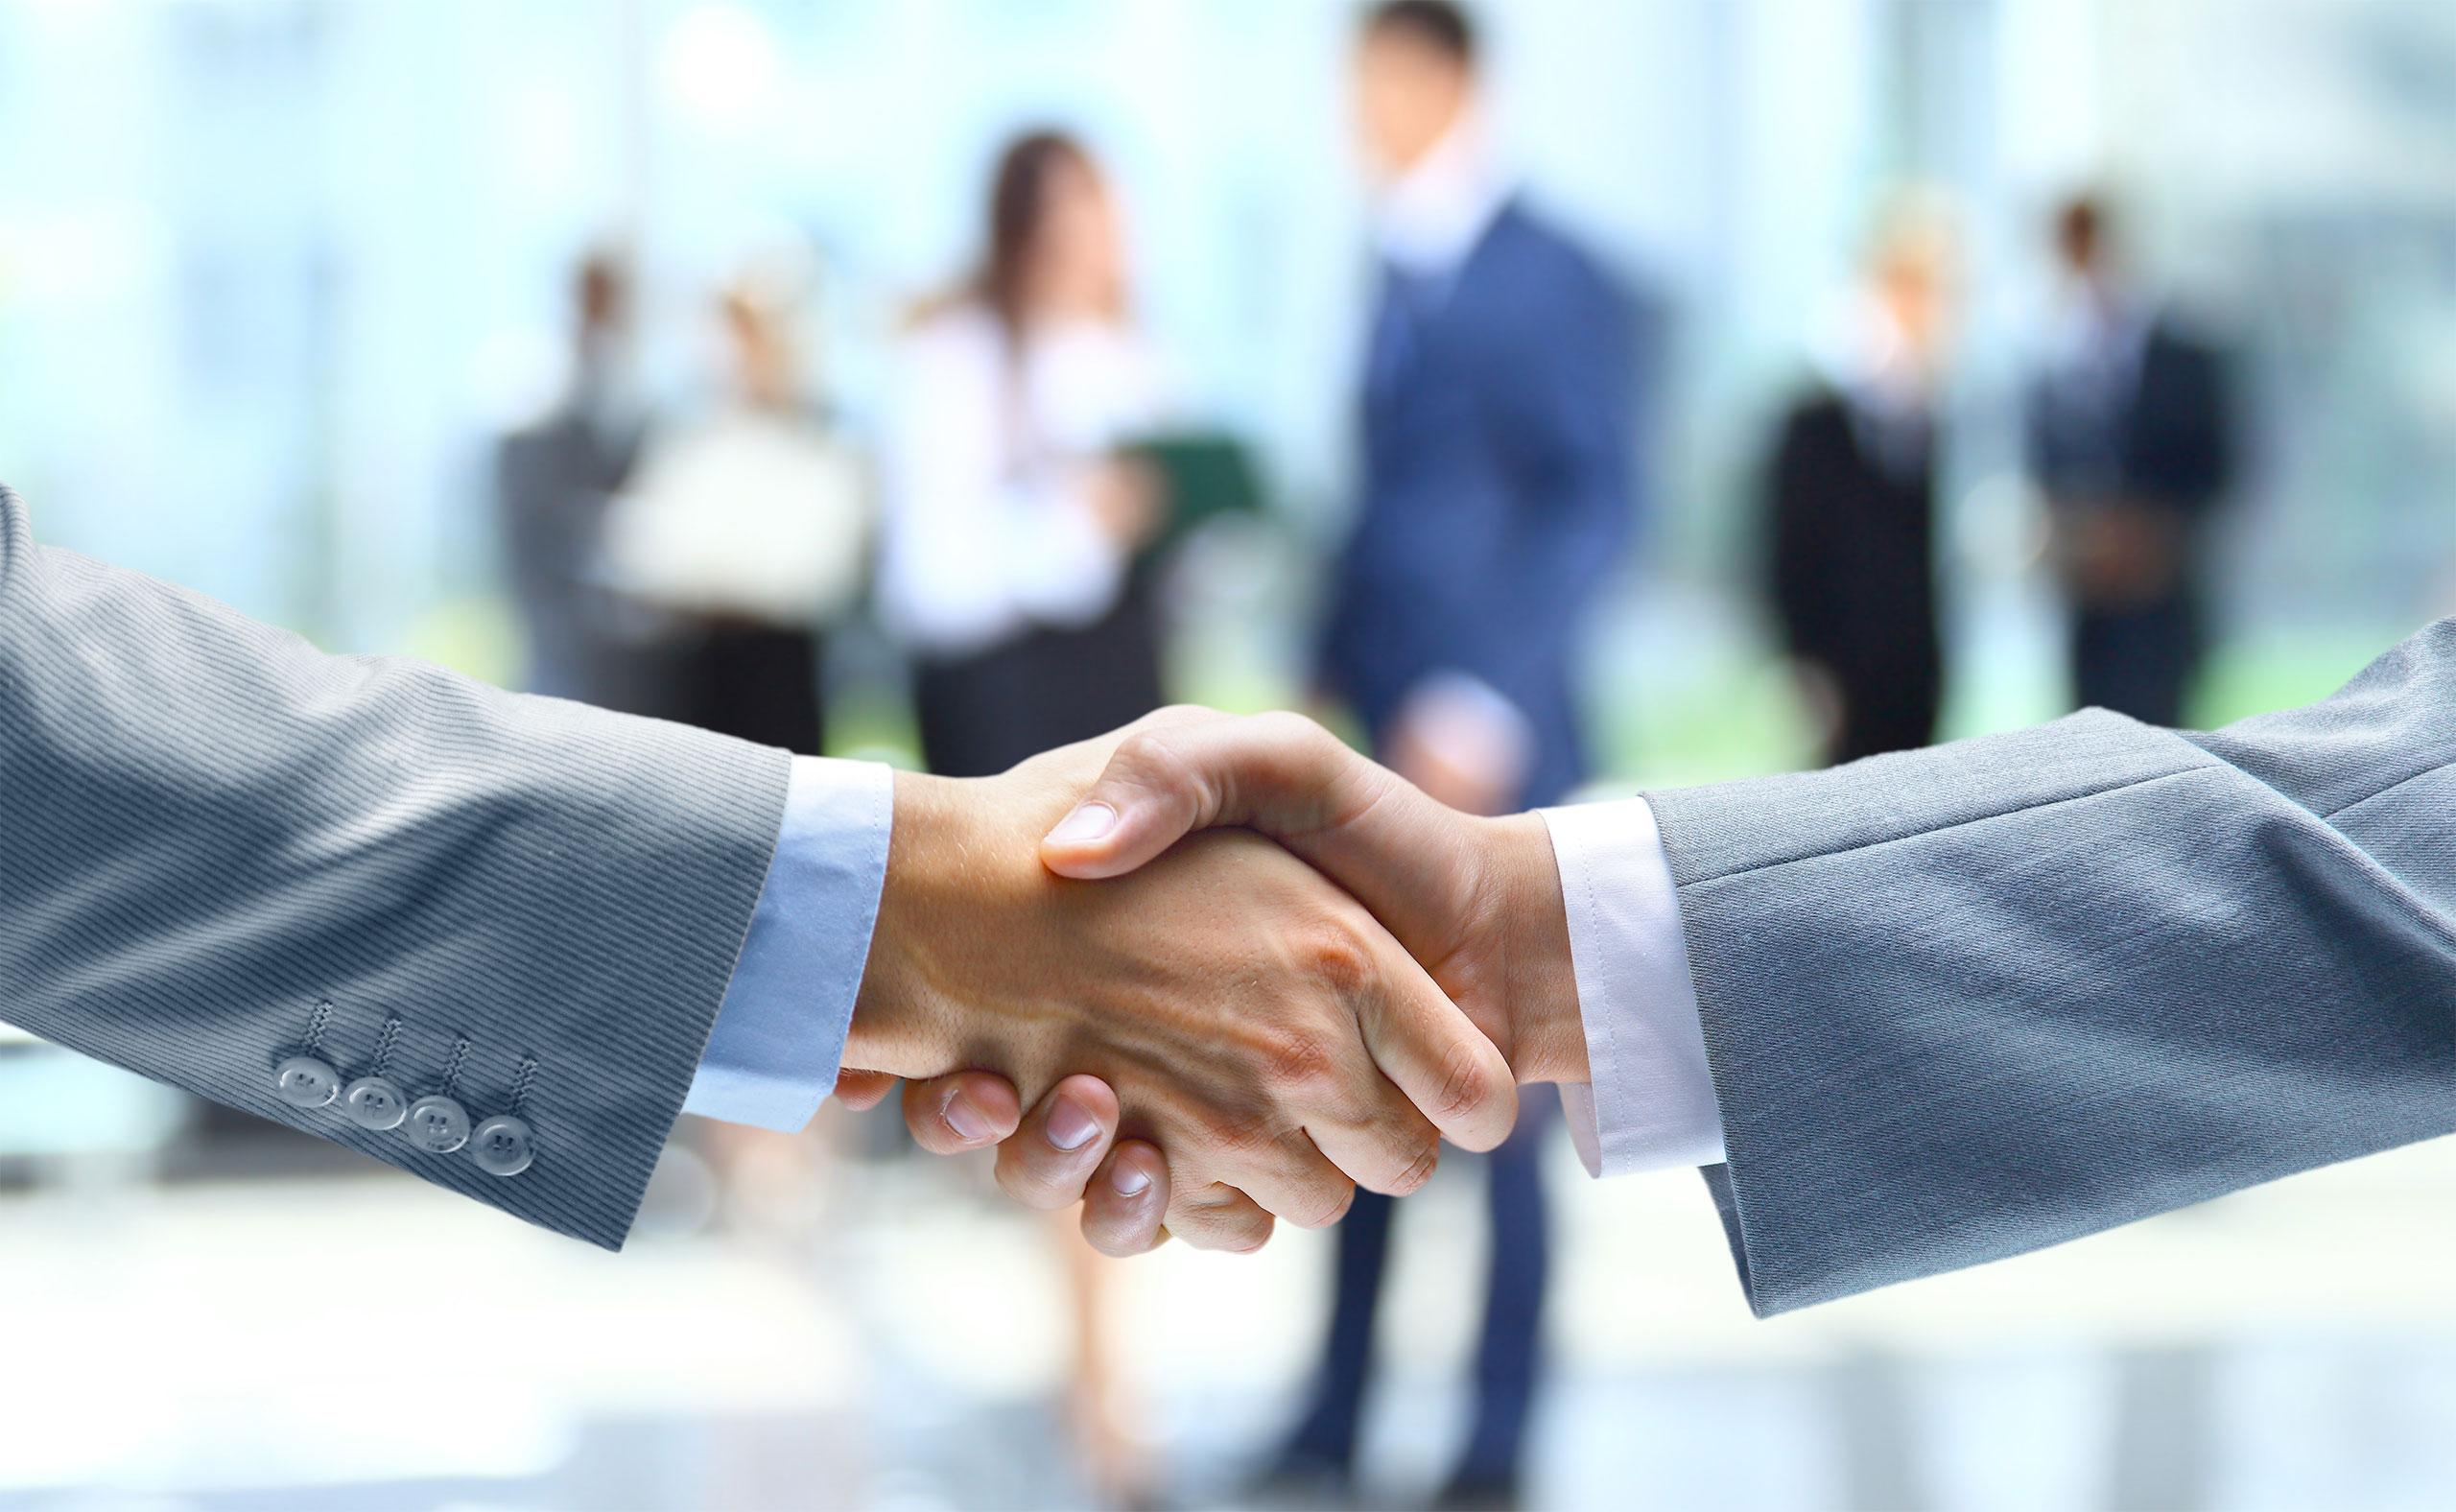 handdshake